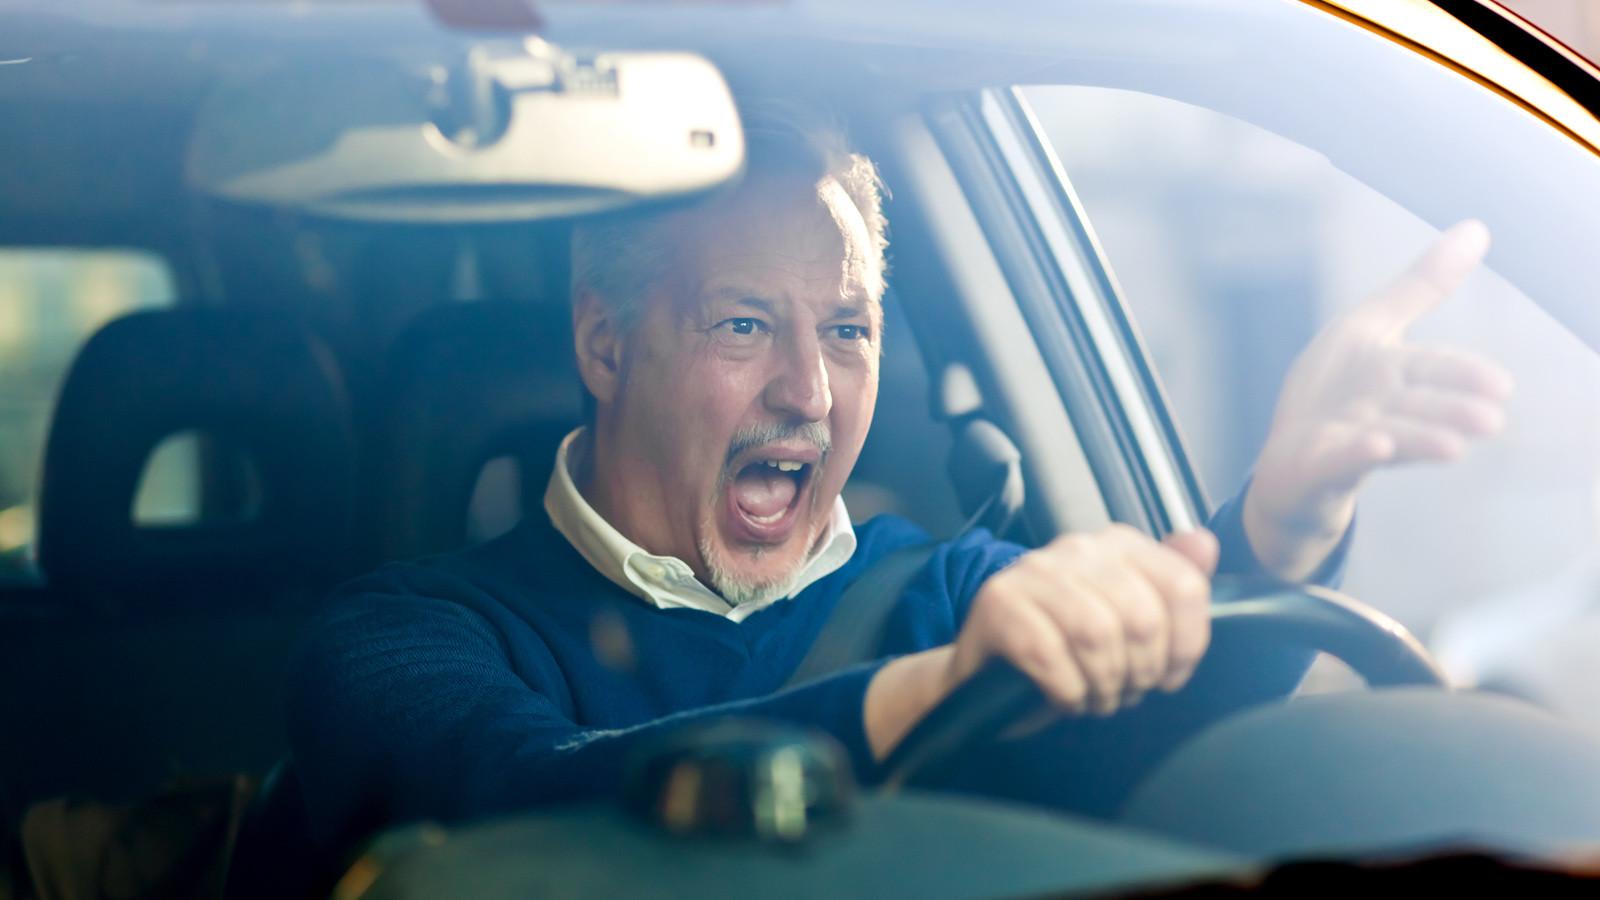 Для получения водительских прав нужно будет пройти тест наагрессивность